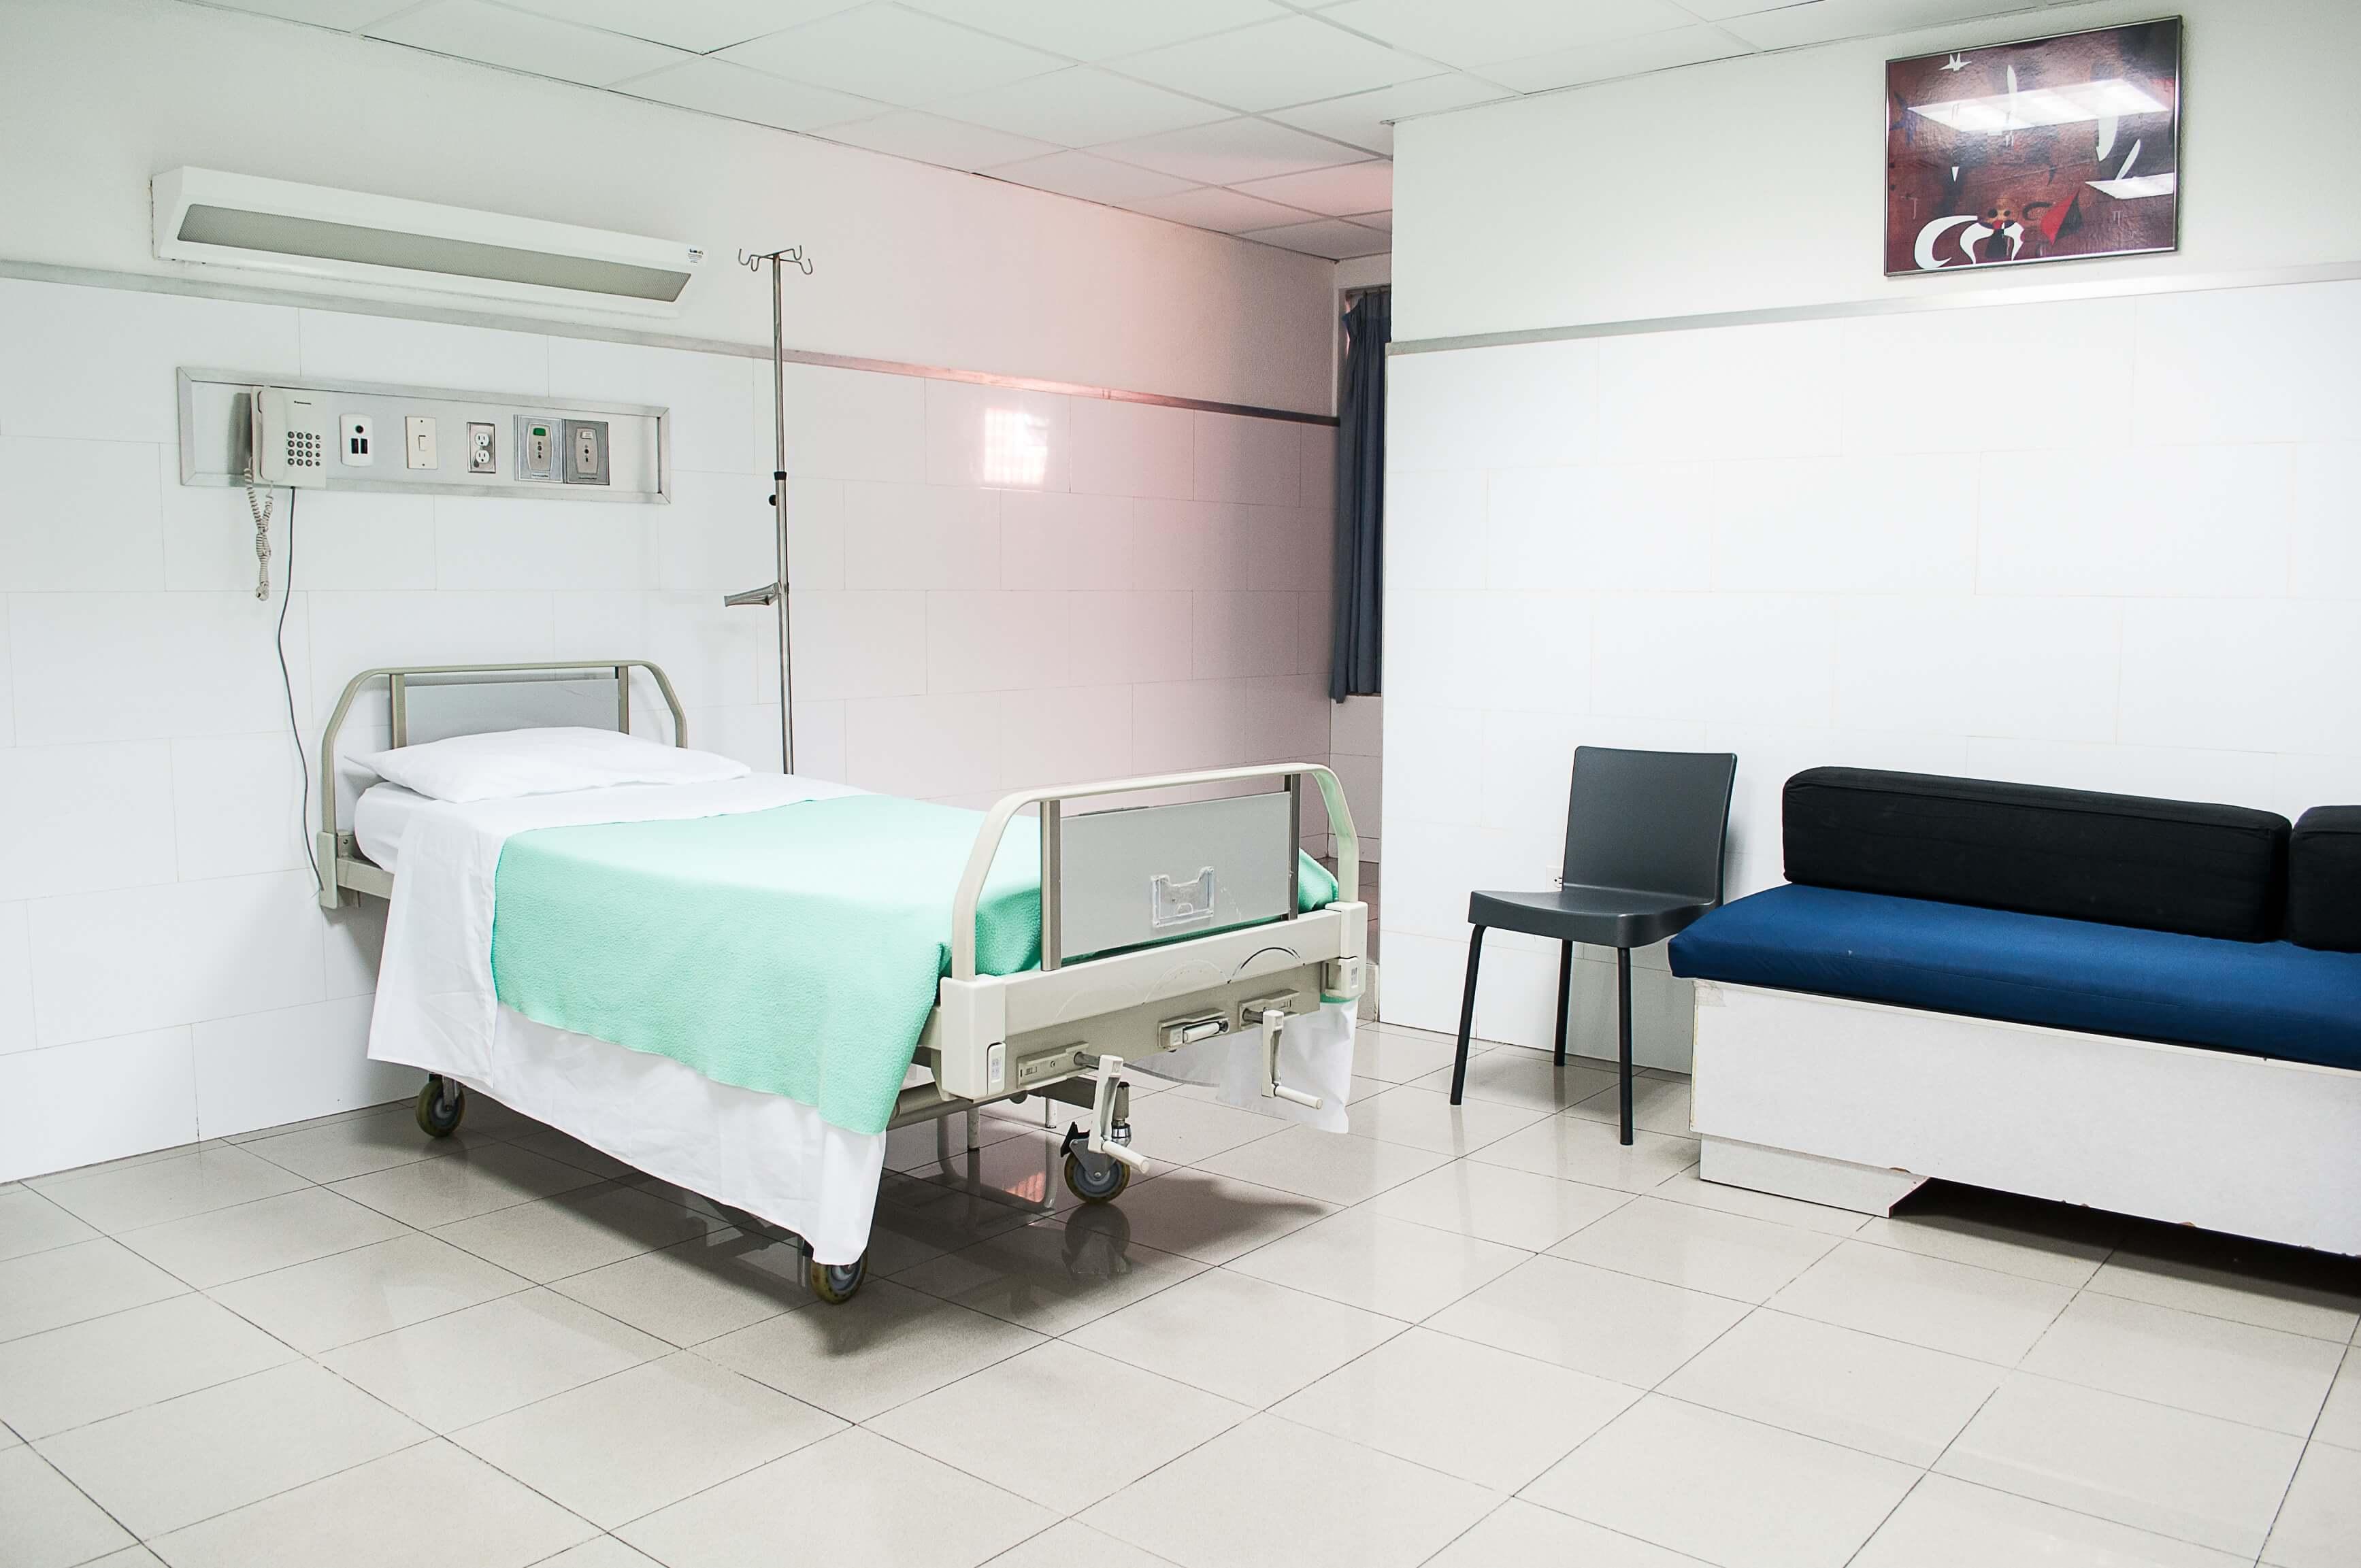 Trabalho na função de Serviço de Higienização em hospital e minha aposentadoria especial foi negada pelo INSS. O que eu faço?